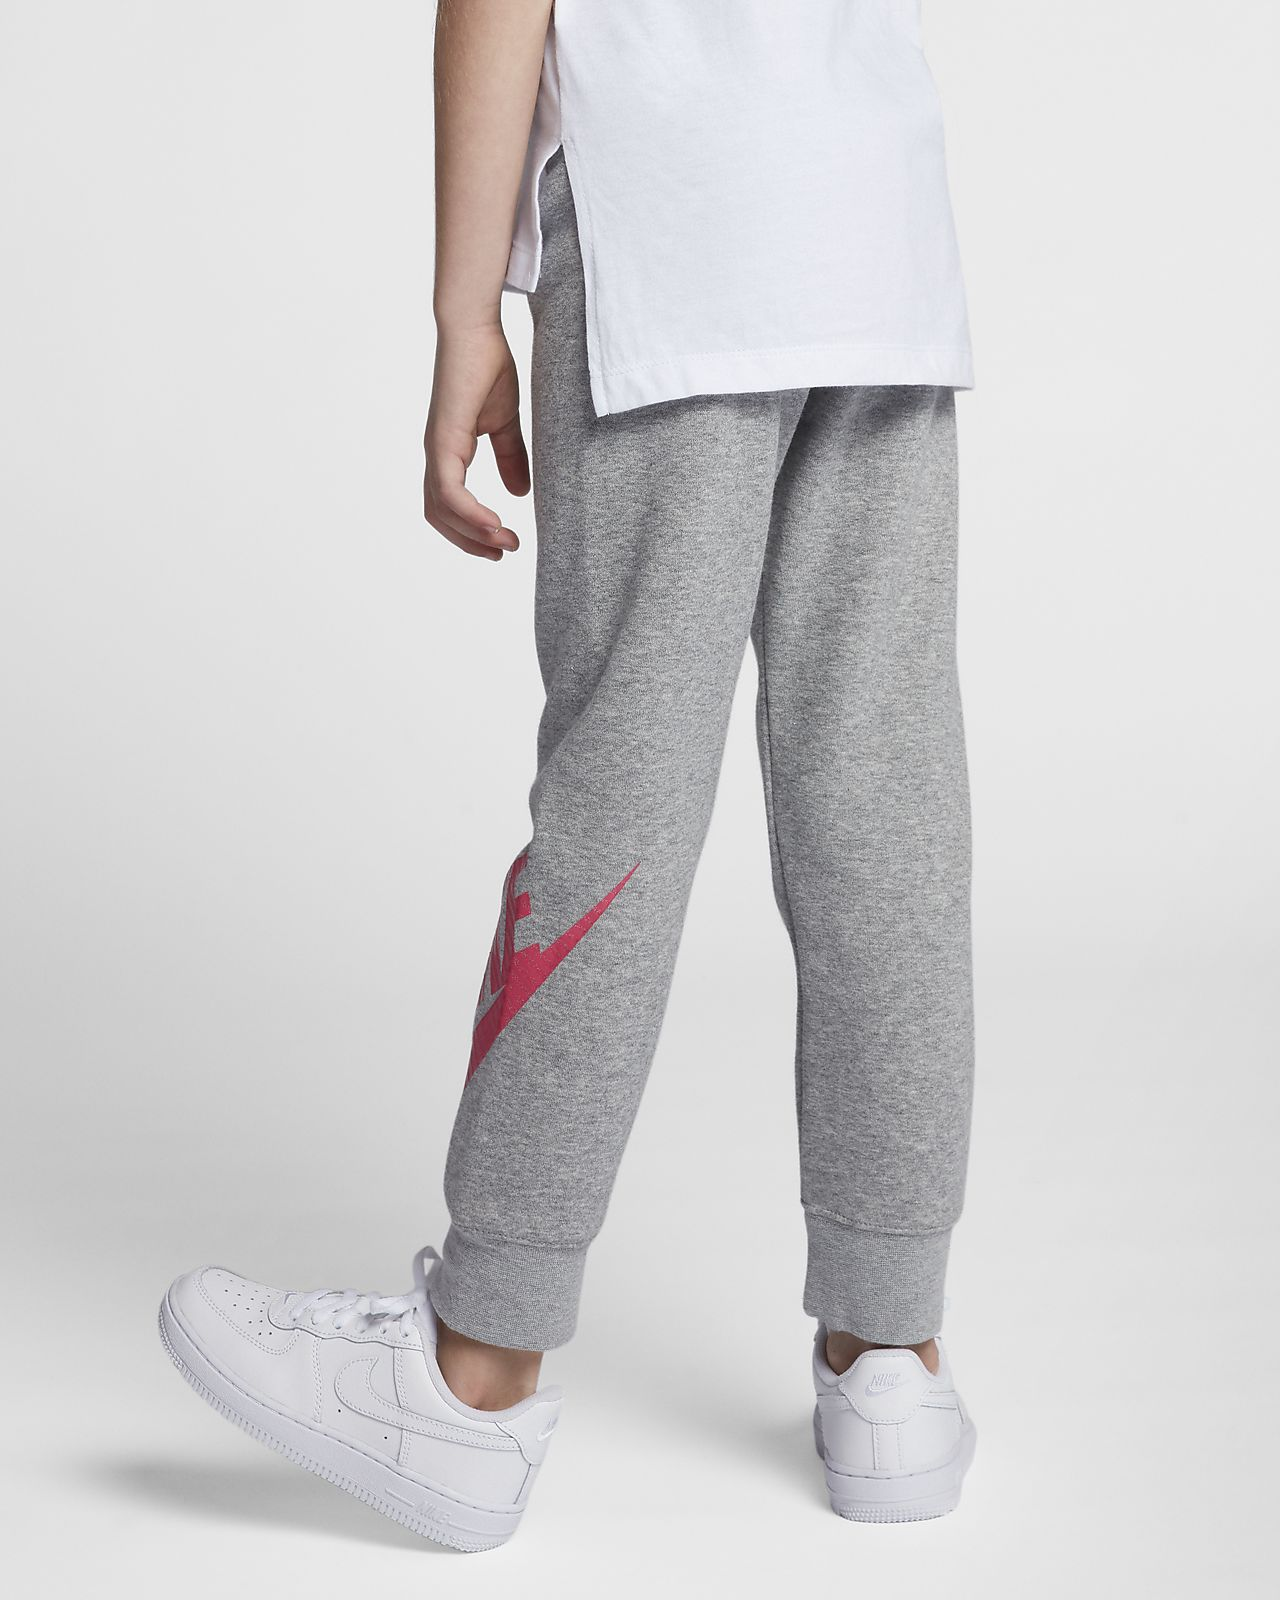 Survêtement Nike pour Jeune enfant